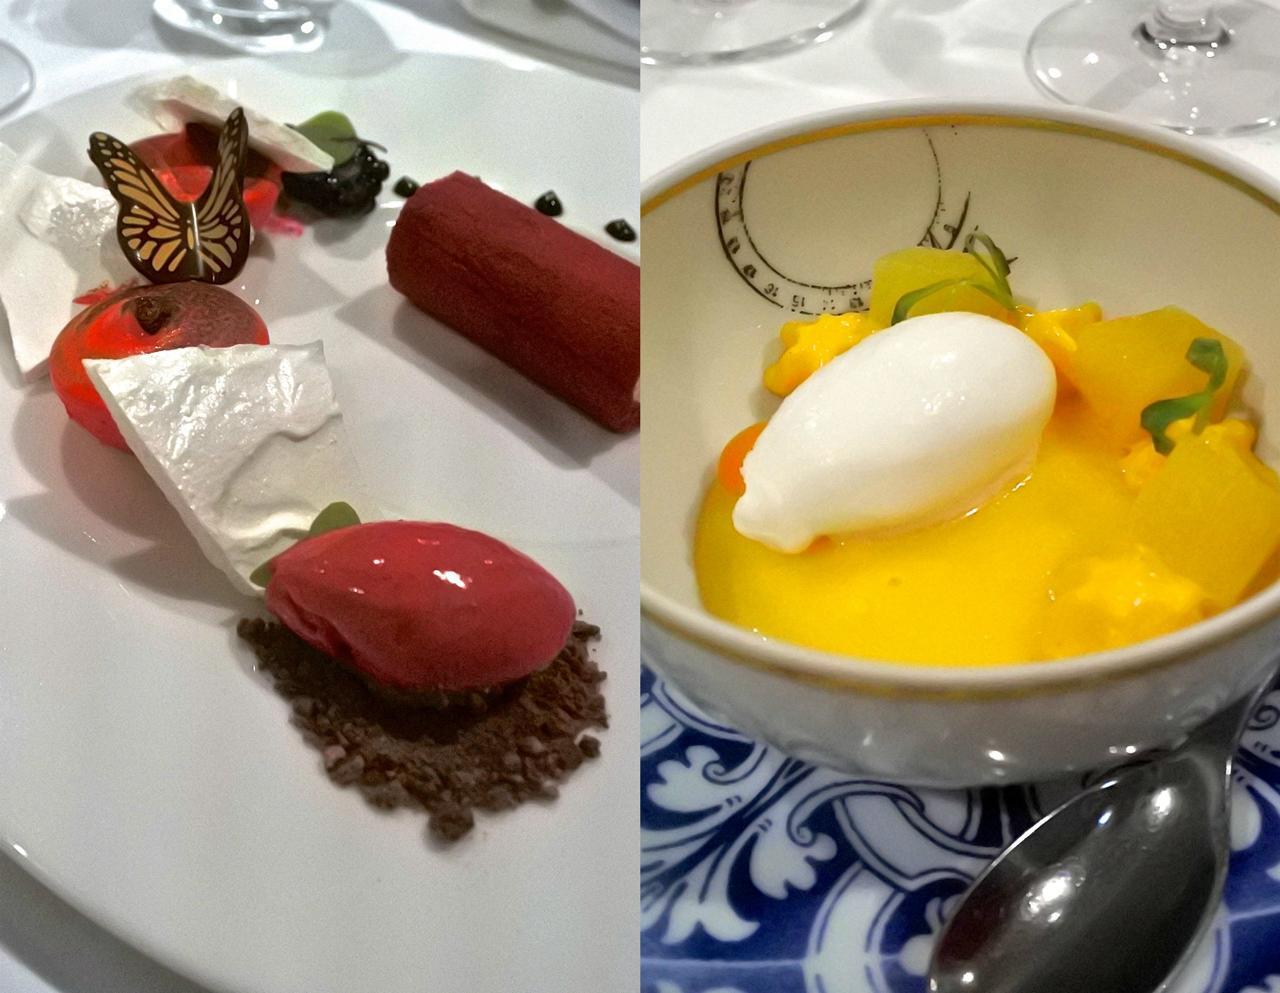 デザートもすごく美味しかった・・・チョウチョが可愛いでしょう? マンゴー・ムース、旨い!